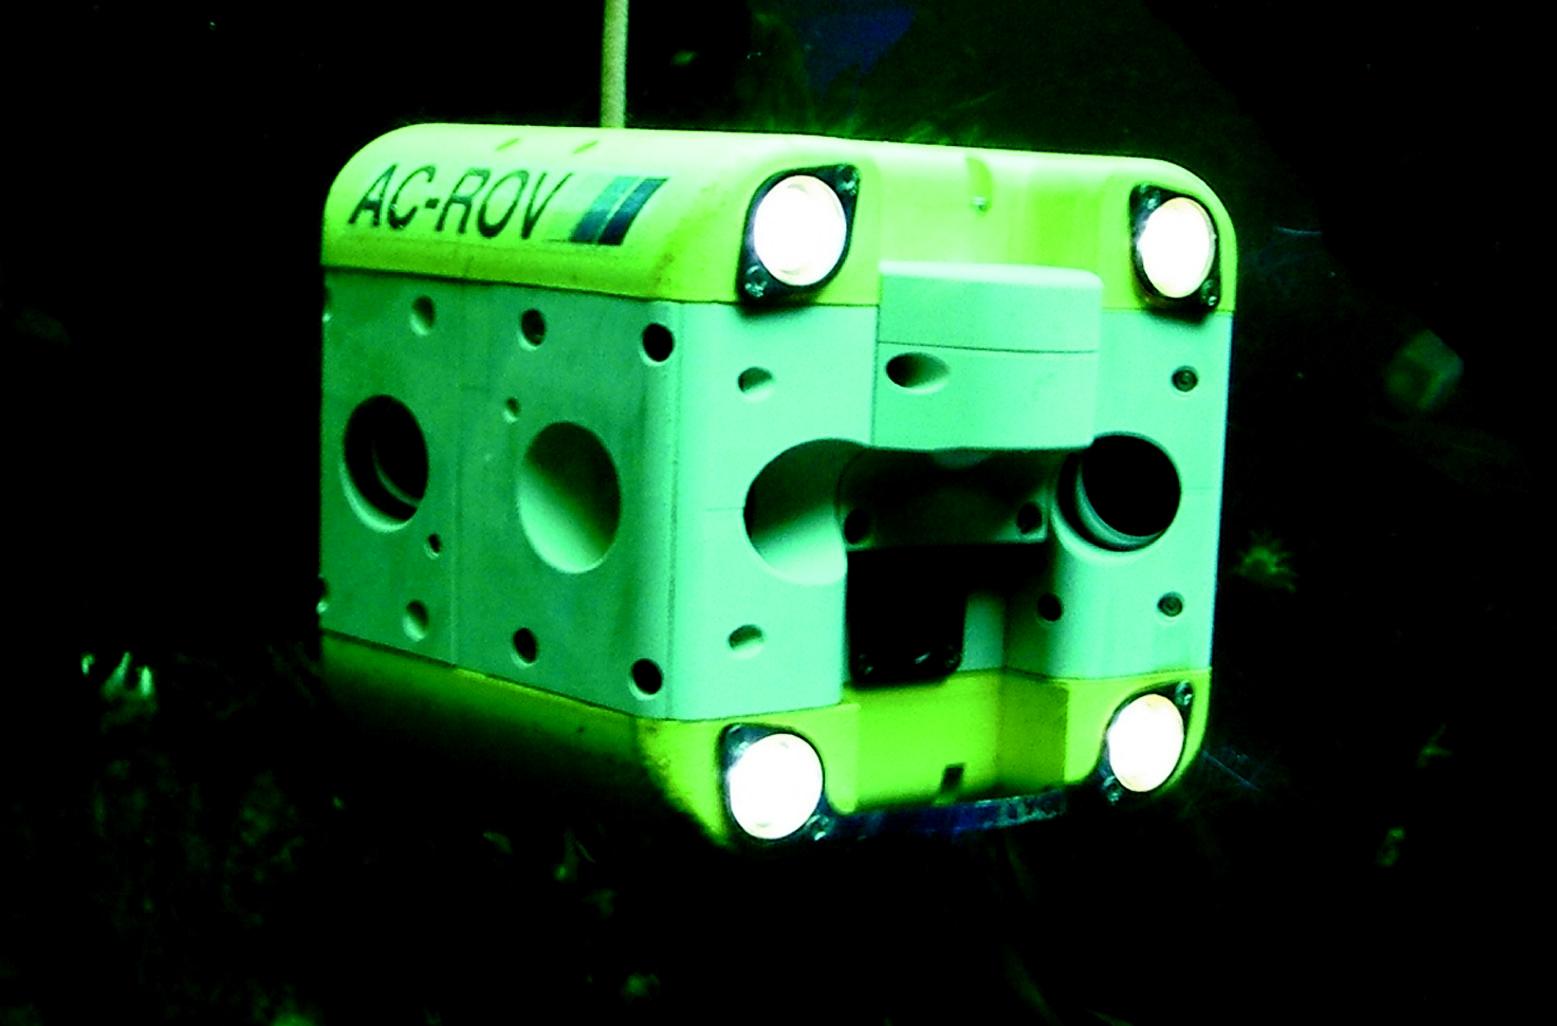 acrov5 - Copy.jpg